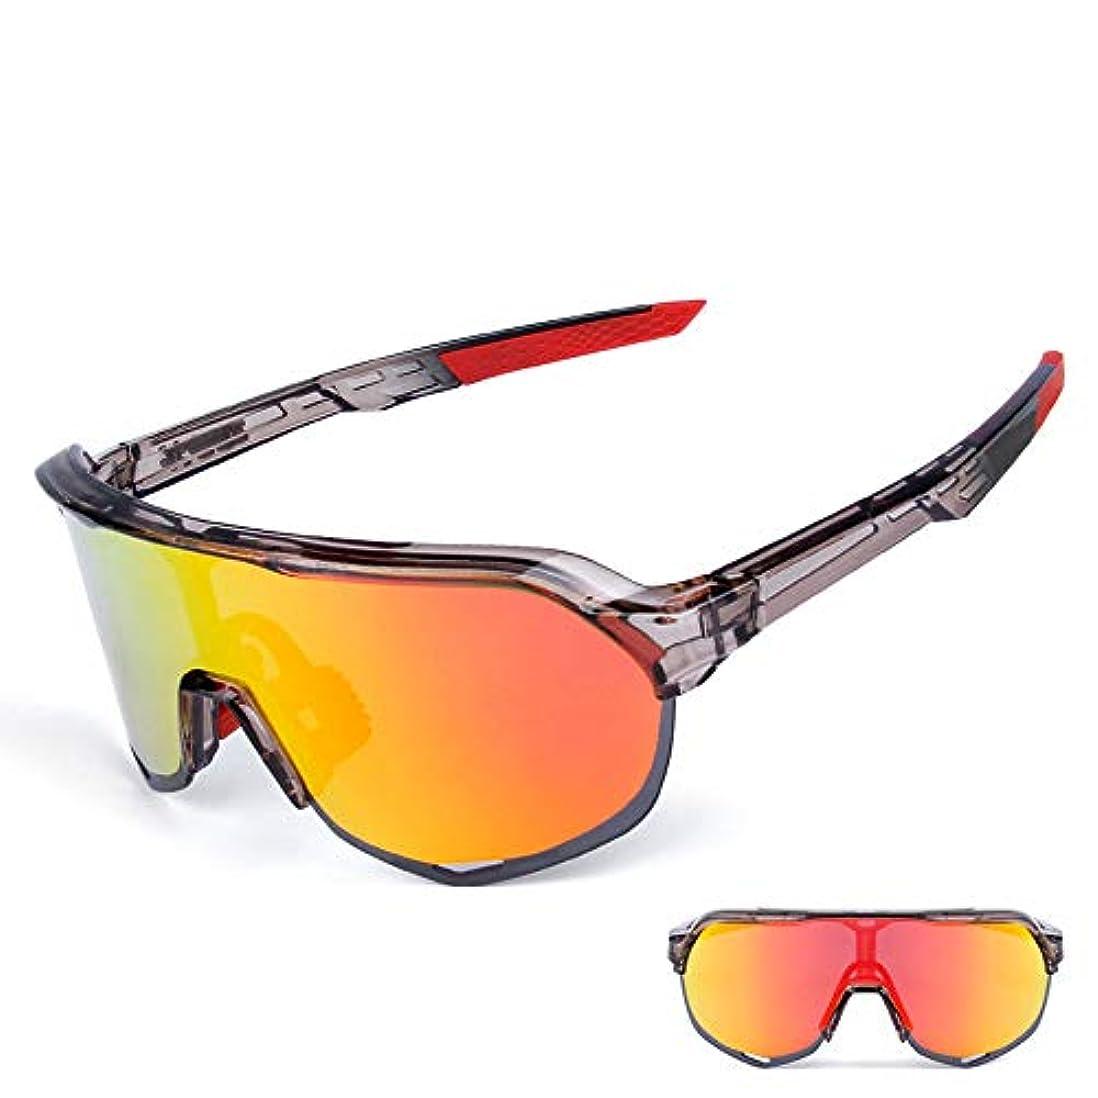 無意味騒乱速いサイクリングメガネ 男性と女性UV400保護サイクリングランニングメガネ偏光スポーツサングラススーパーライトフレームデザイン用メンズおよびレディース3交換レンズ6色 スポーツ用偏光サングラス (Color : Transparent Gray frame Red lens)